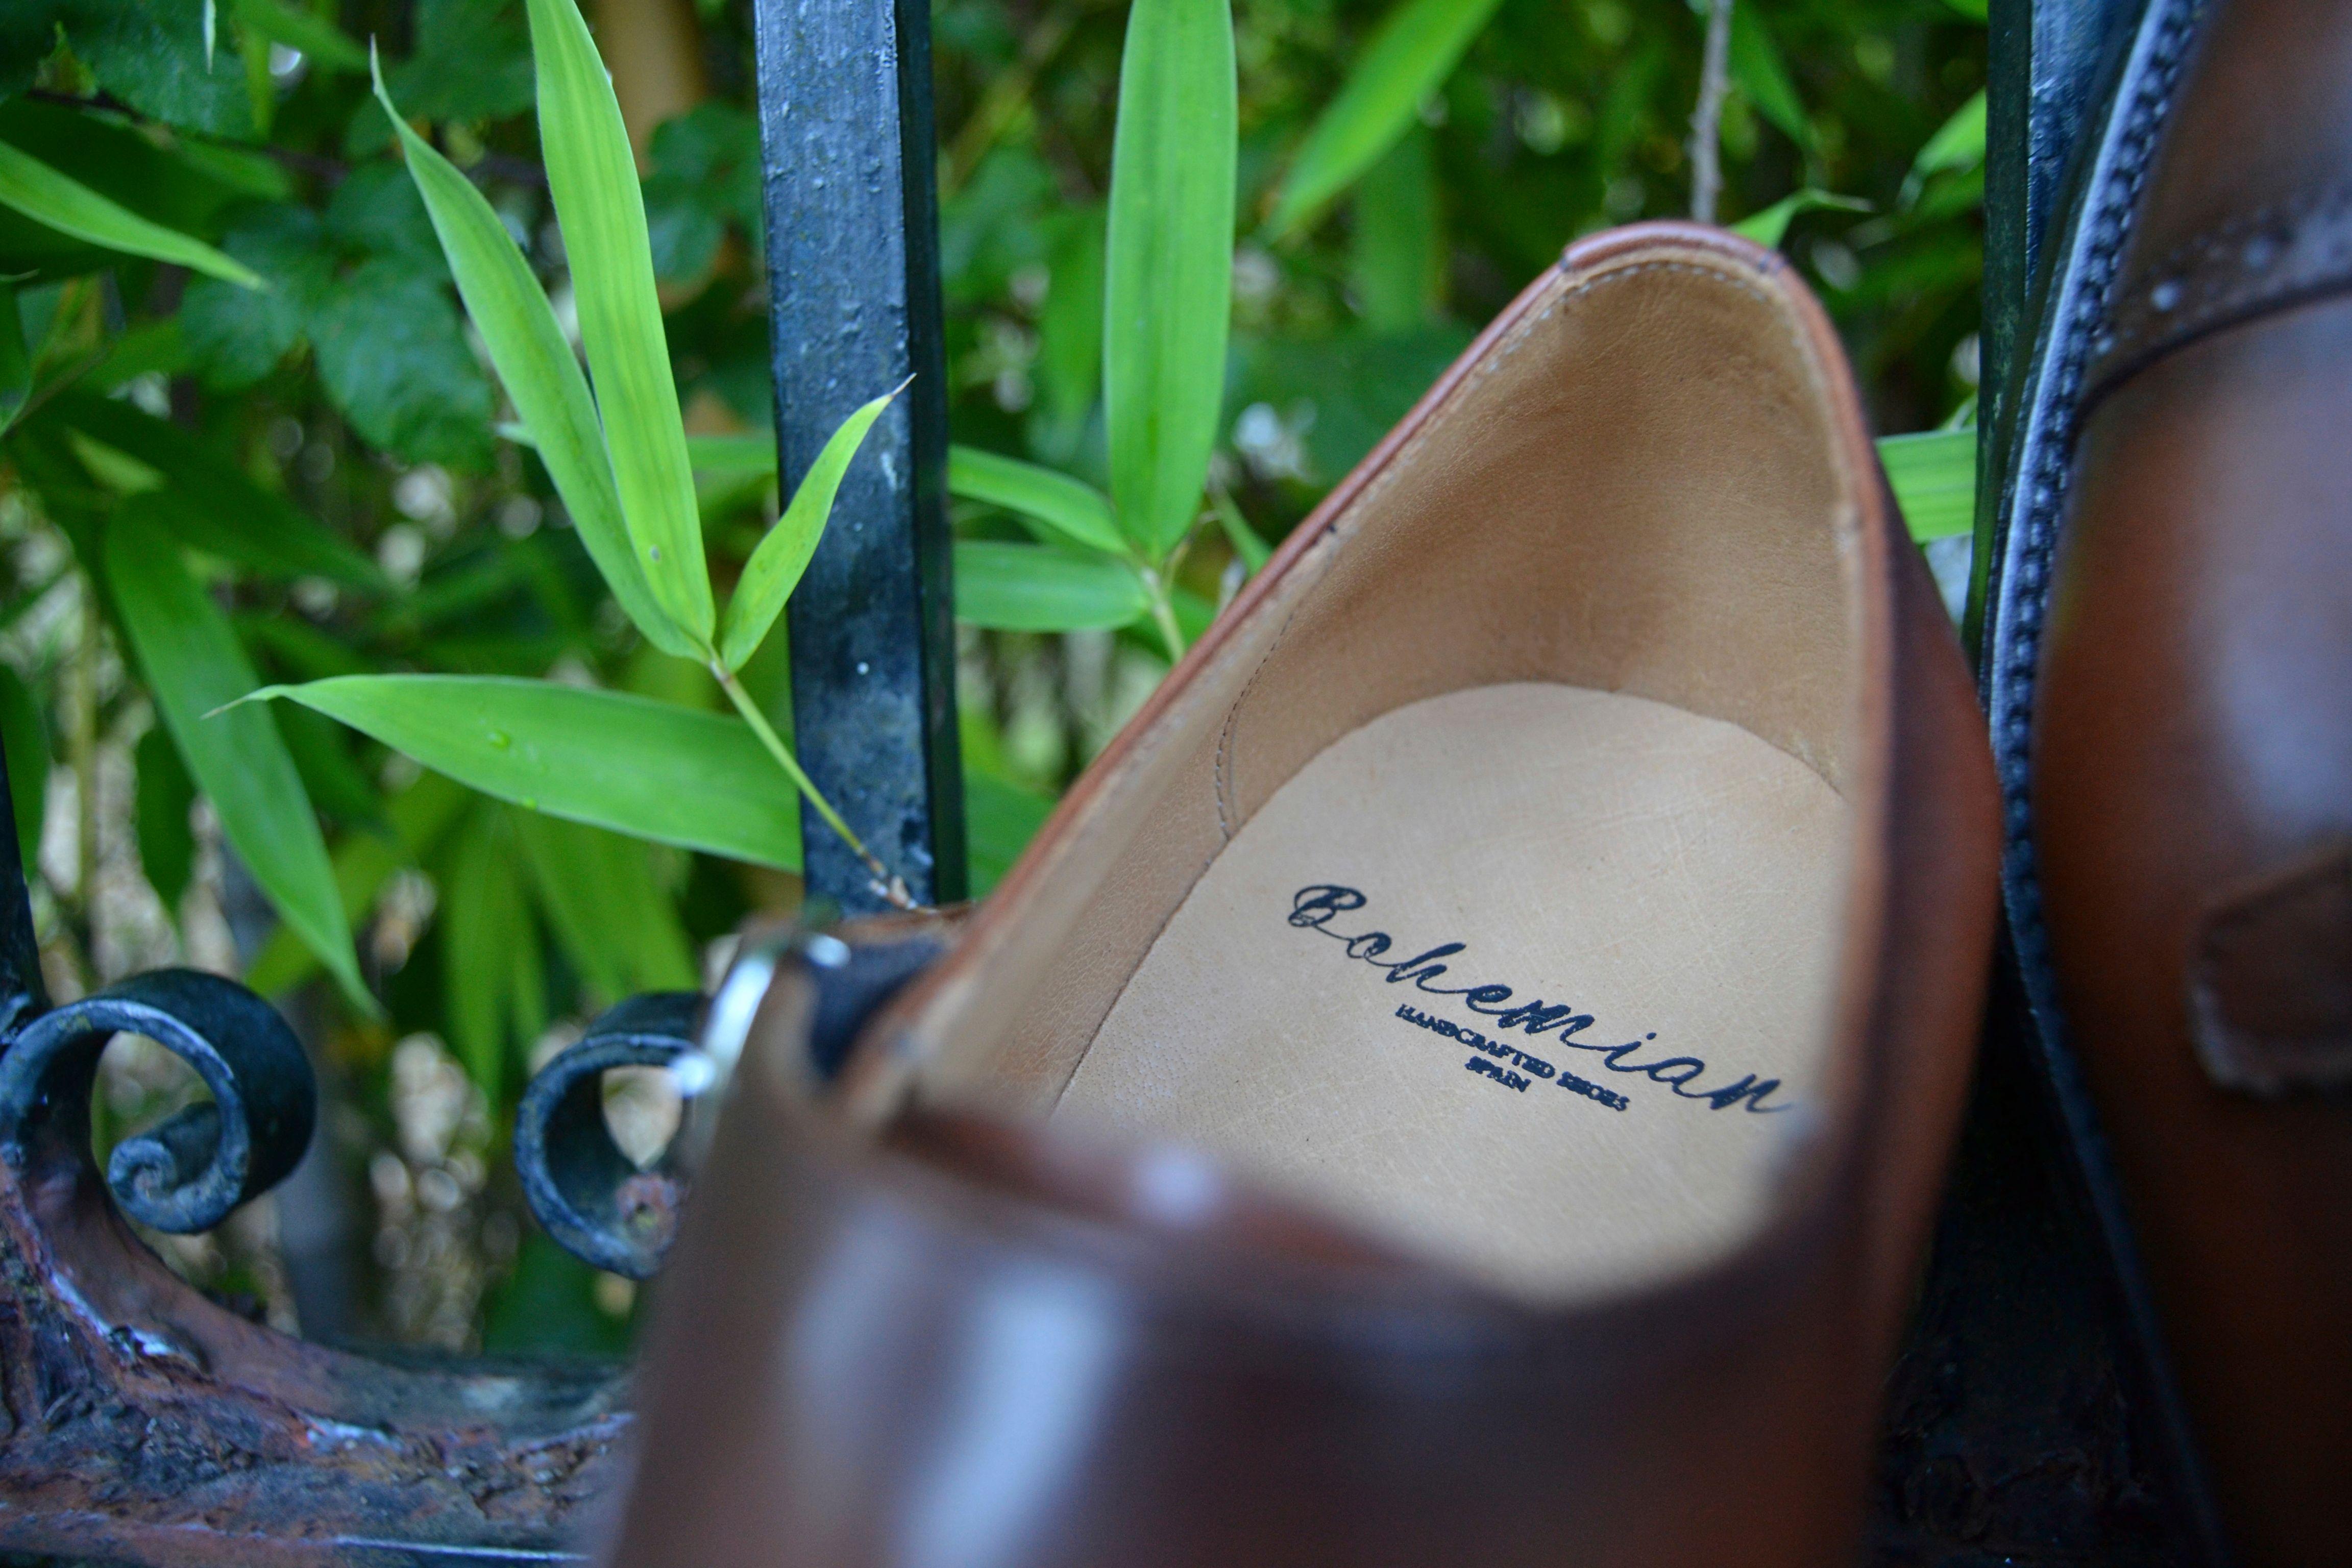 La calidad de un zapato está en su piel